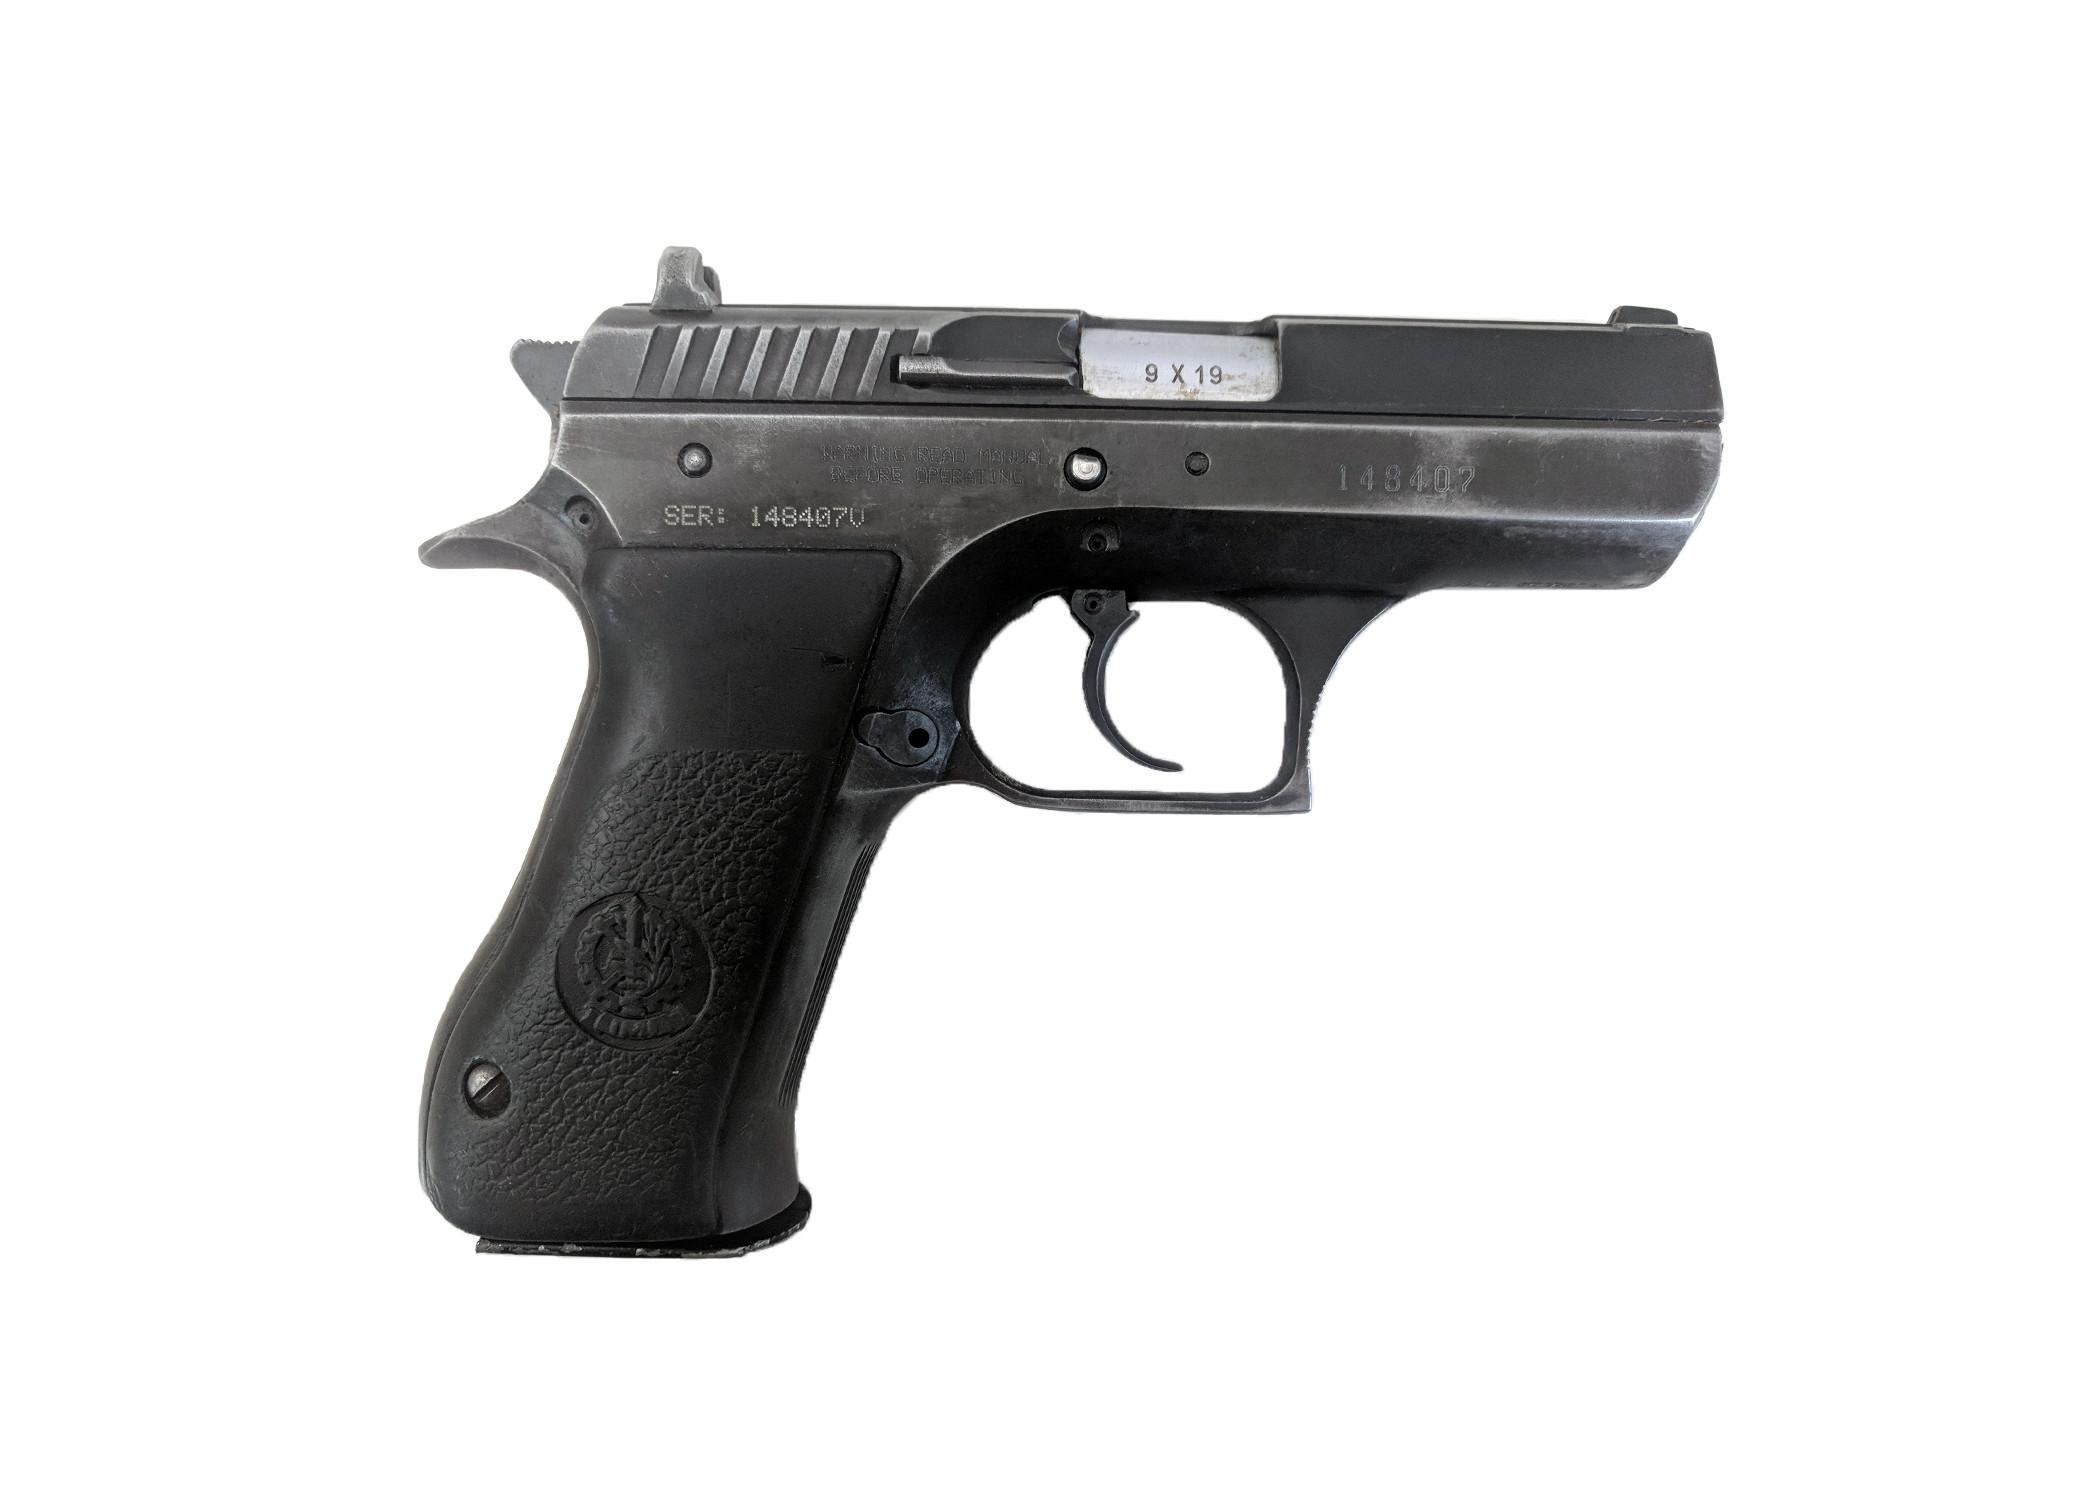 IMI Jericho 941FS, 9mm, *Good